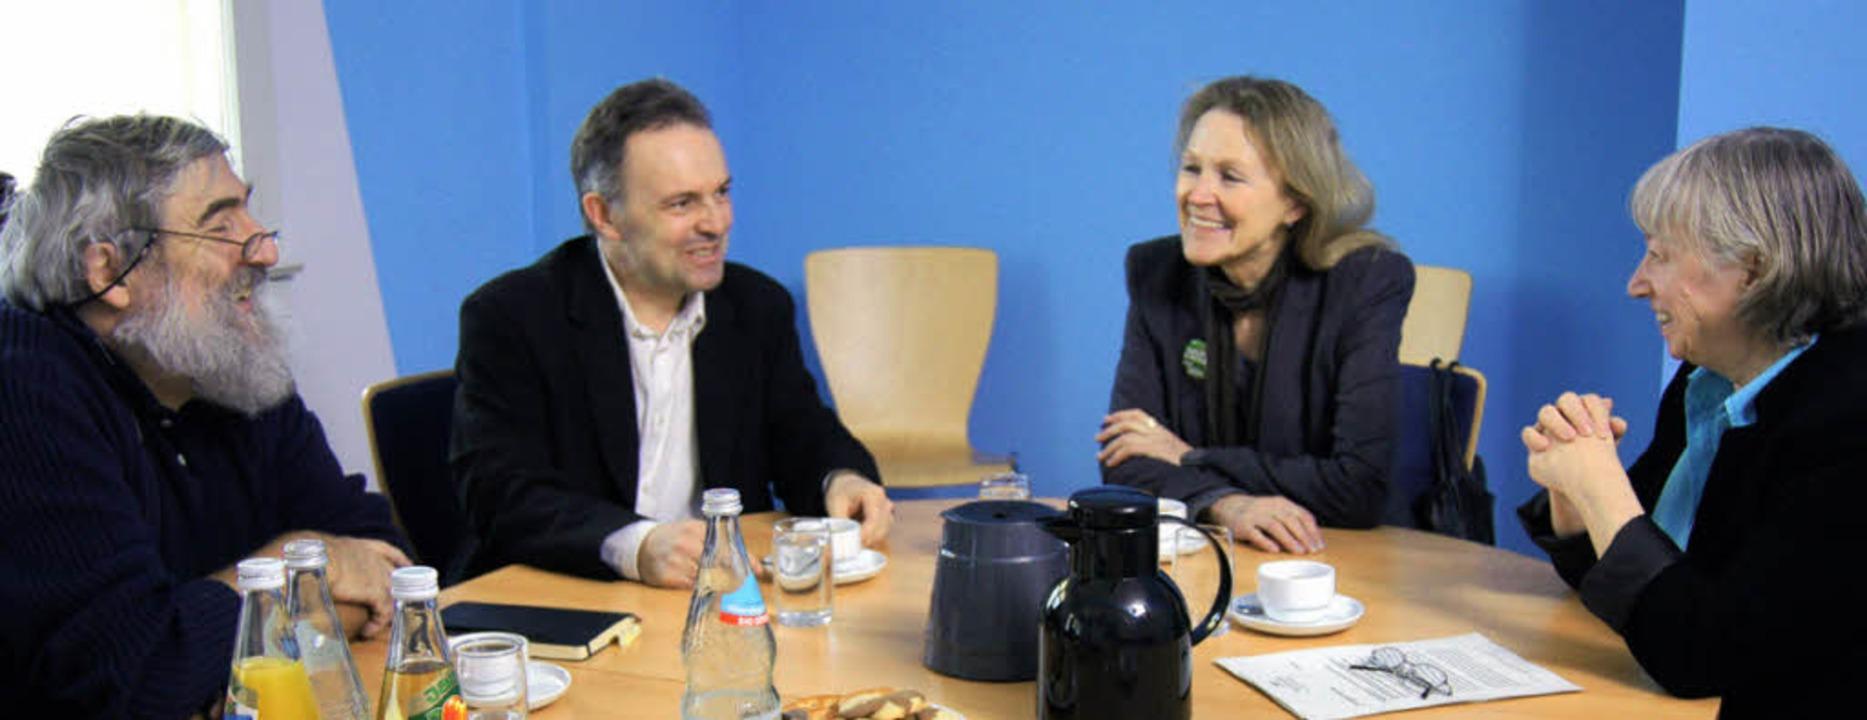 Miteinander ins Gespräch kamen Michael...rn Josha Frey und Sylvia Kotting-Uhl.   | Foto: Privat